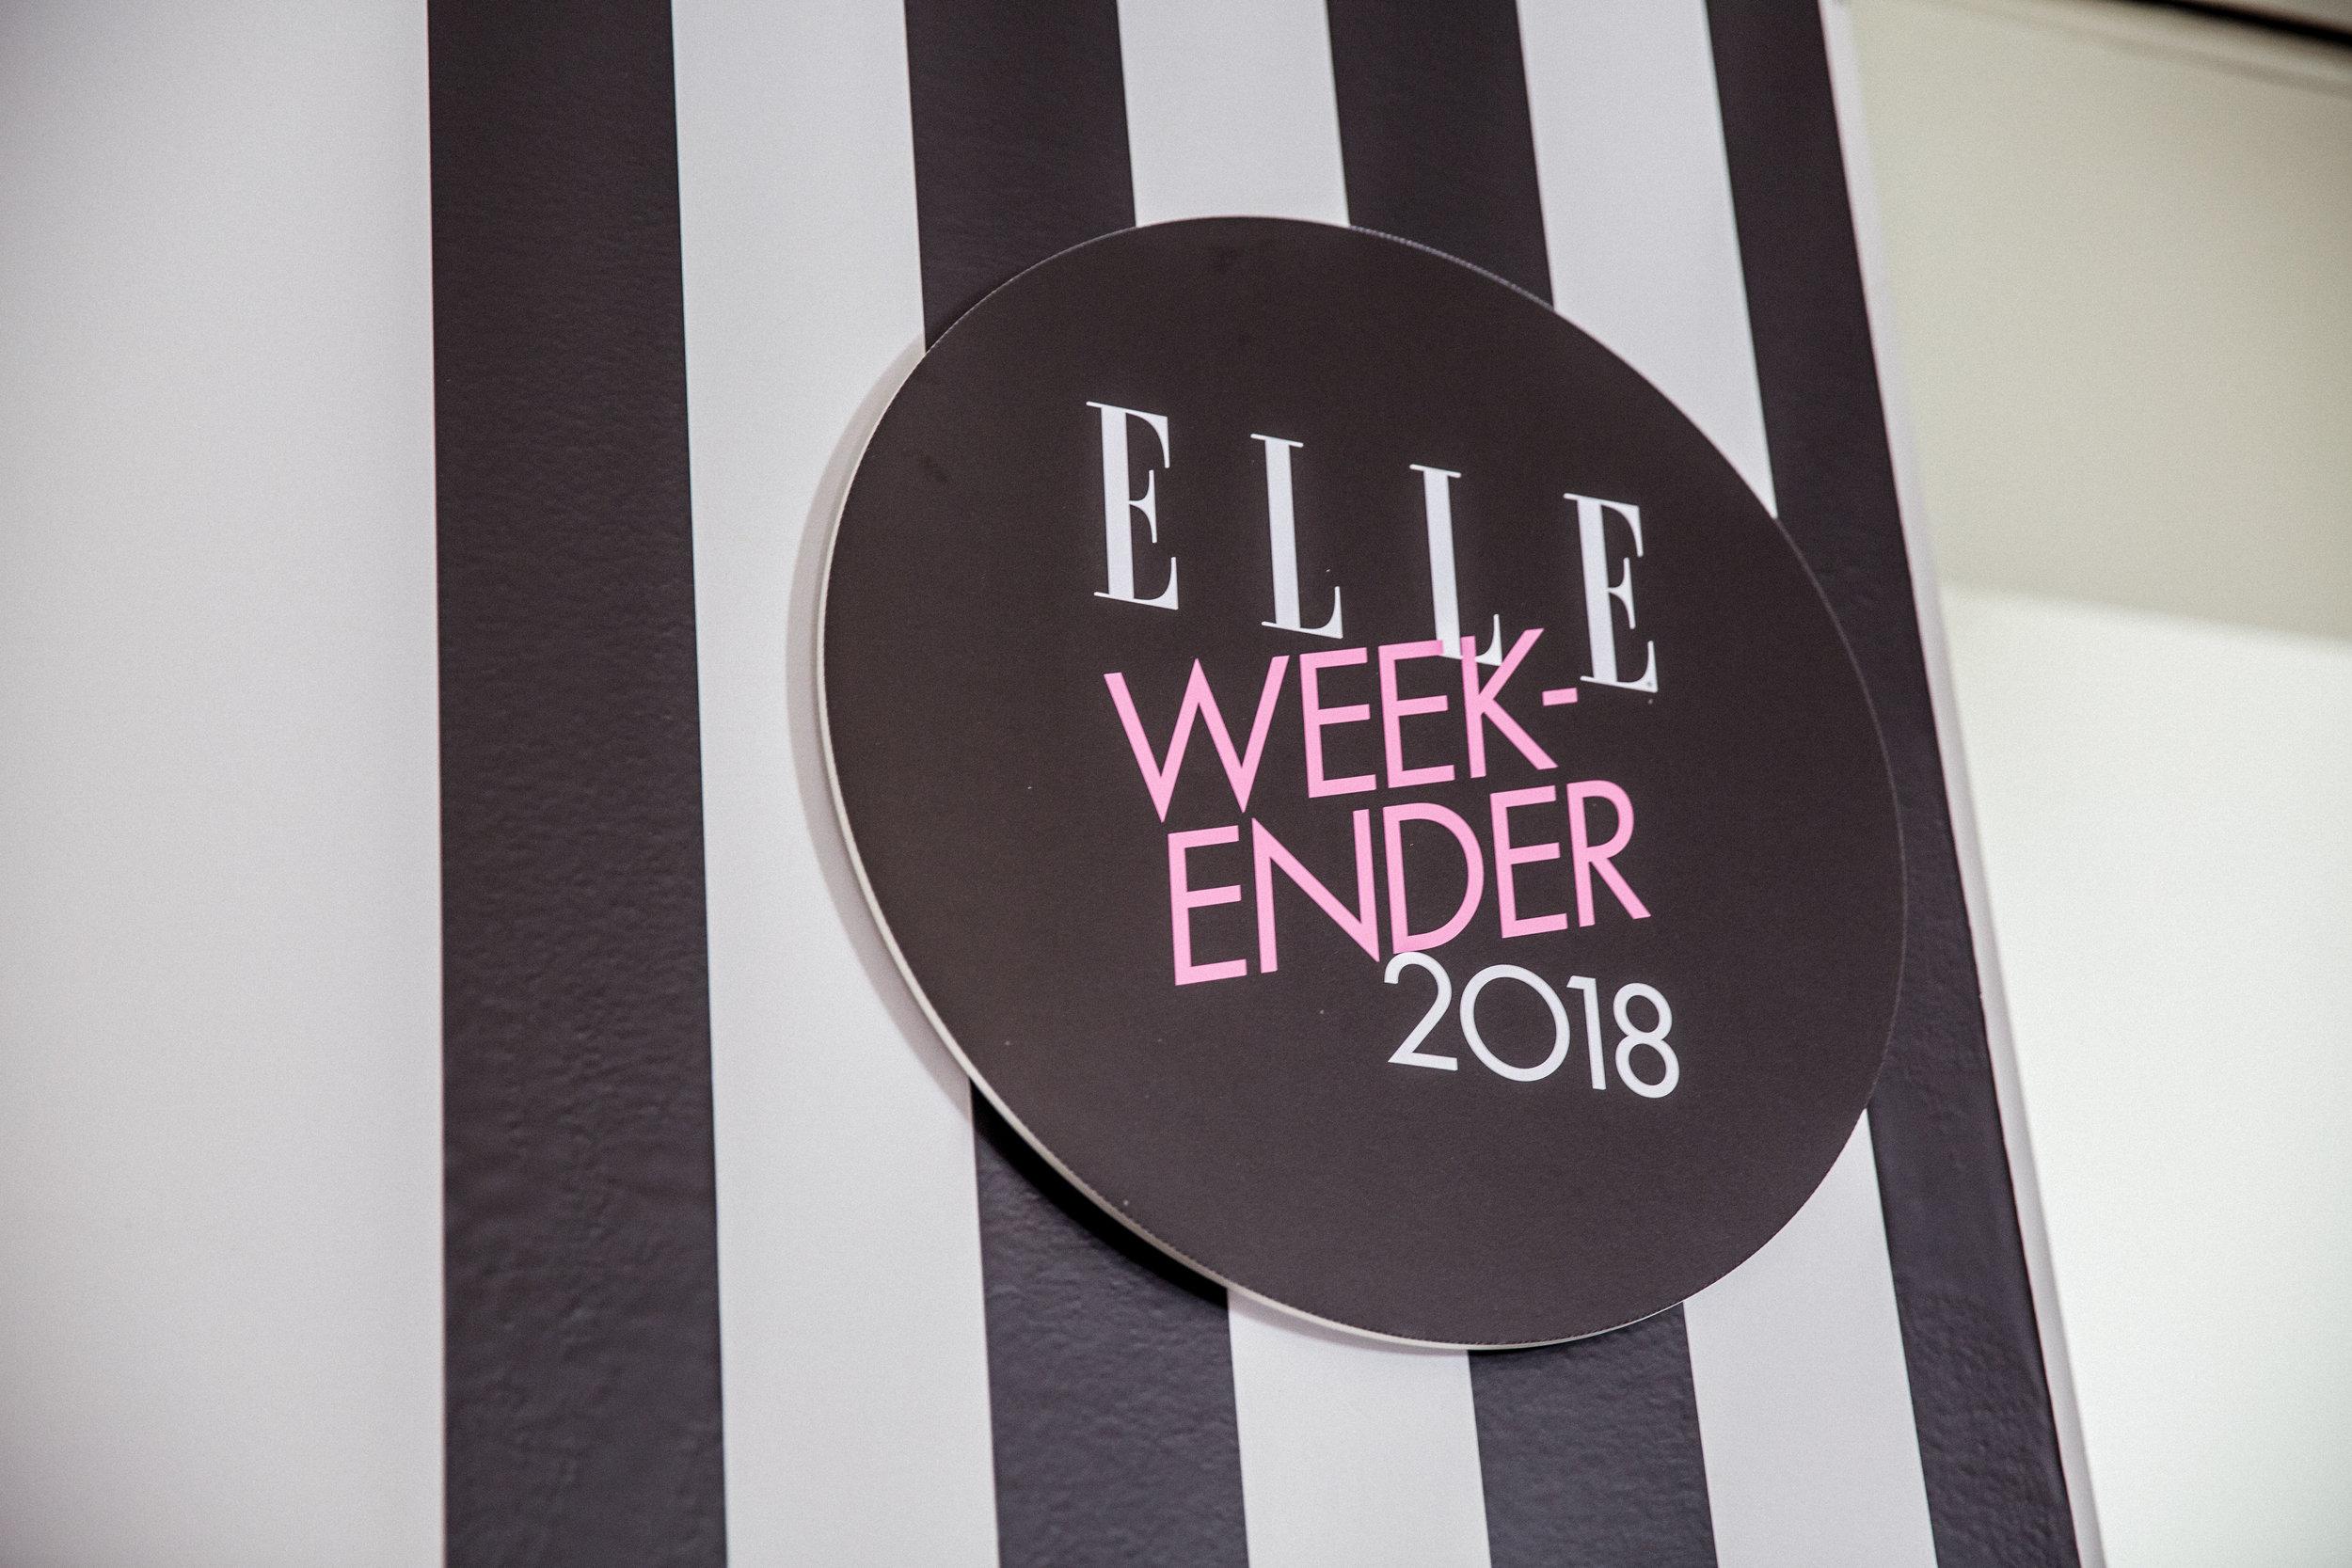 ElleWeekender2018 (1 of 29).JPG